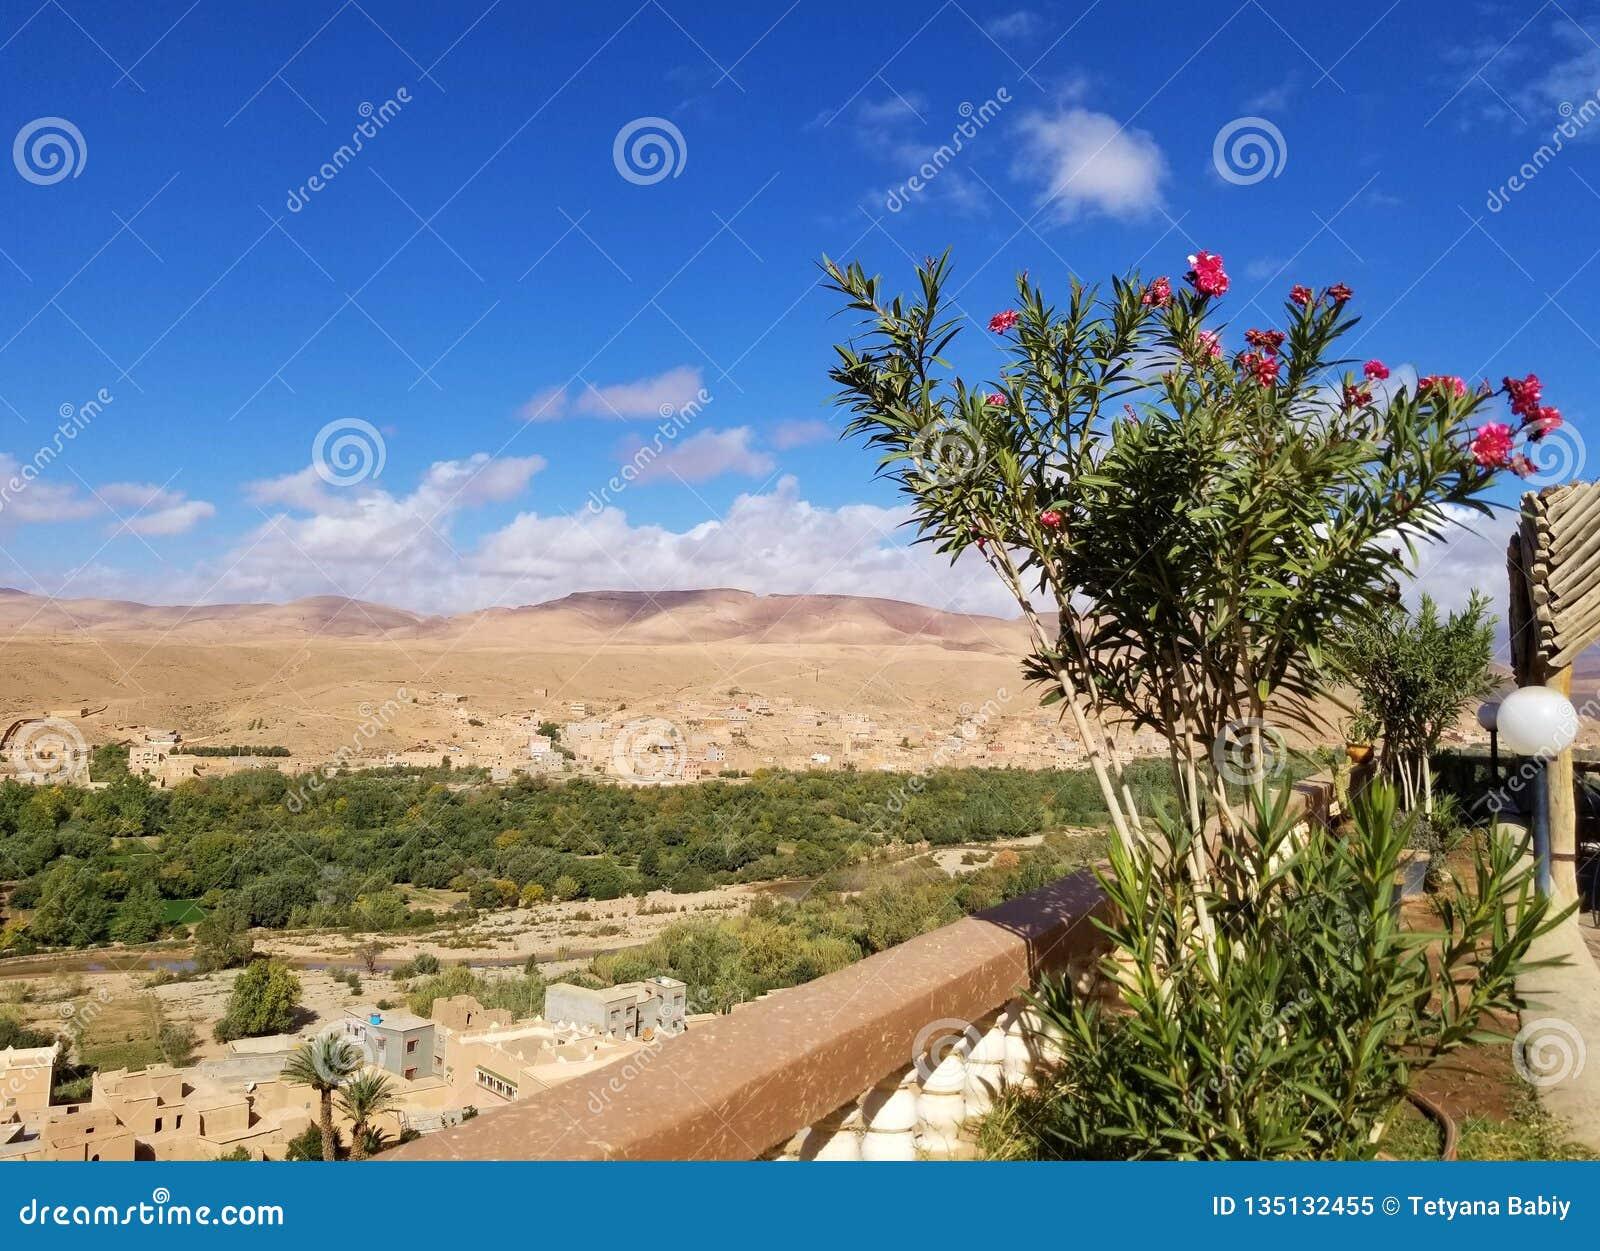 Una piccola oasi in deserto